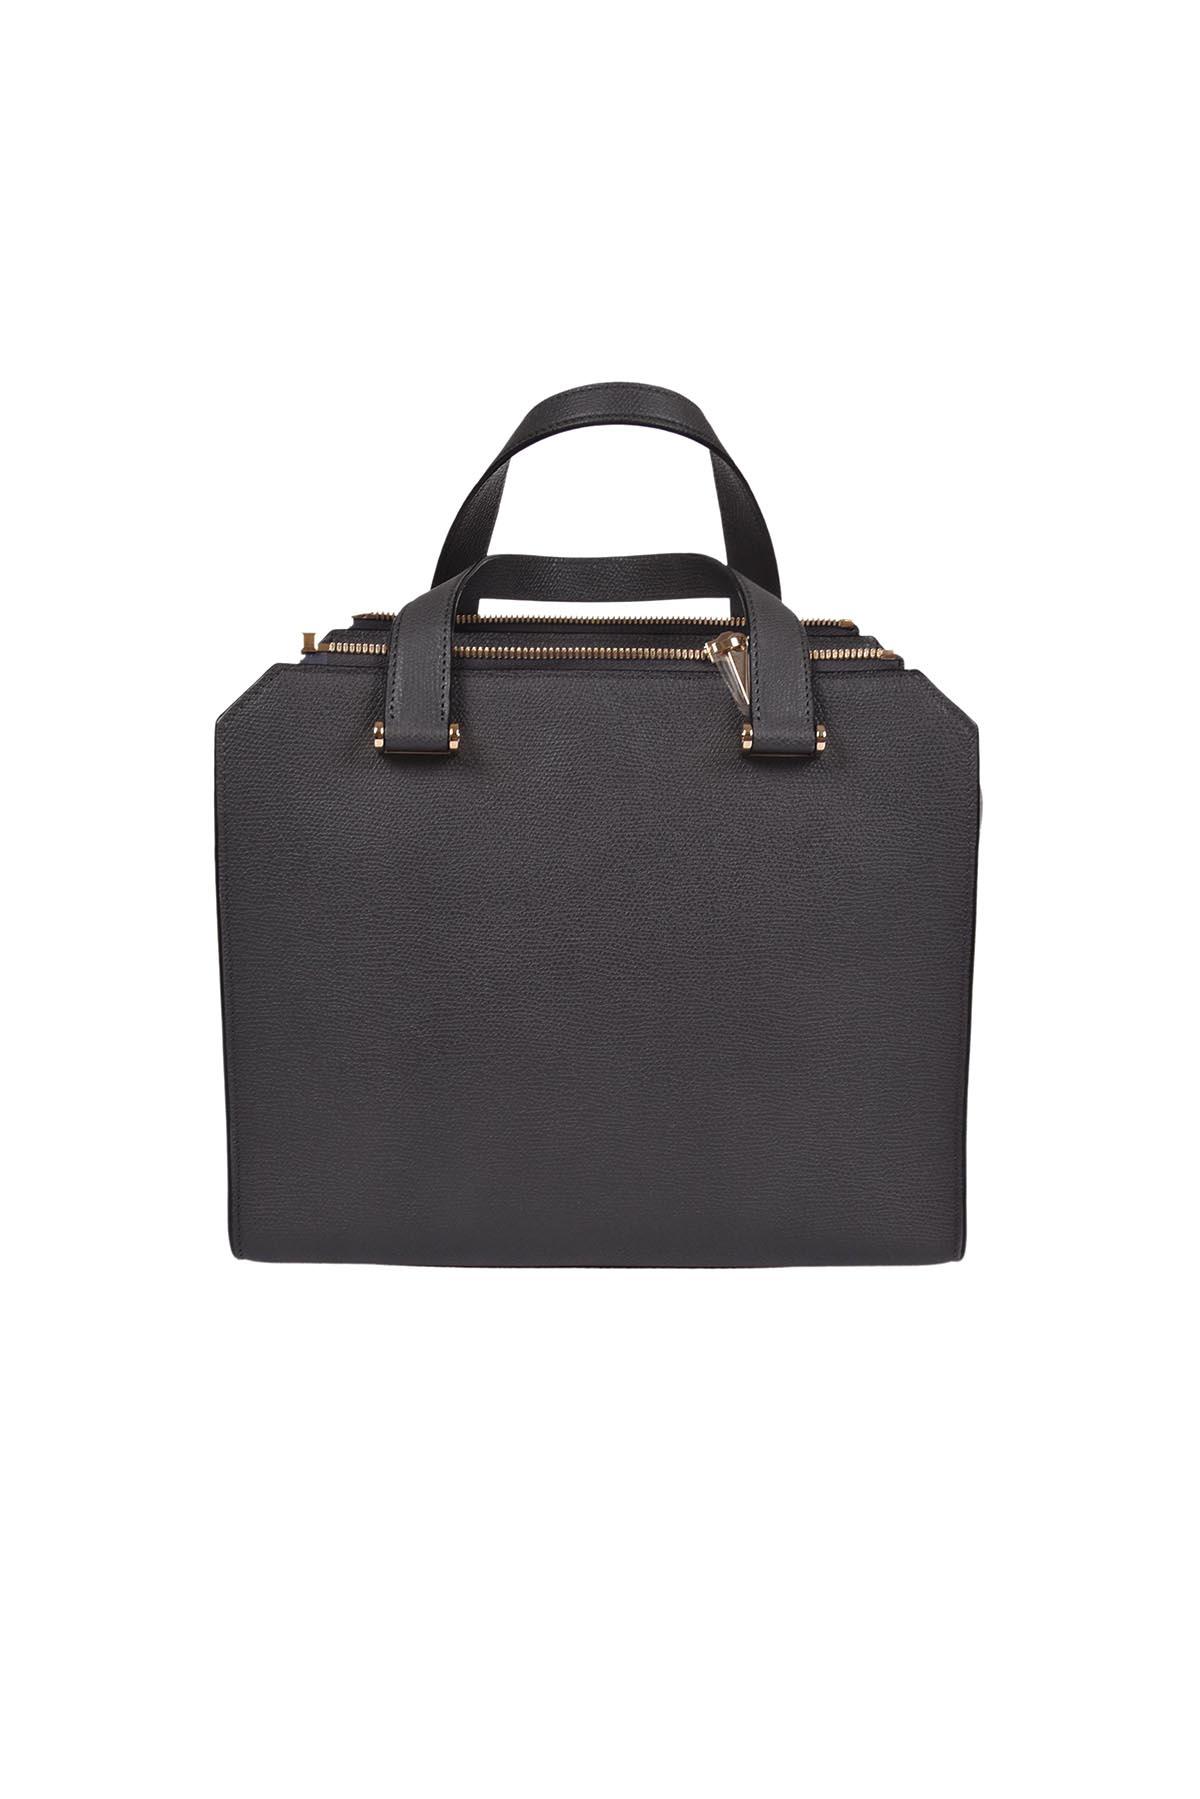 Valextra Passepartout Medium Bag